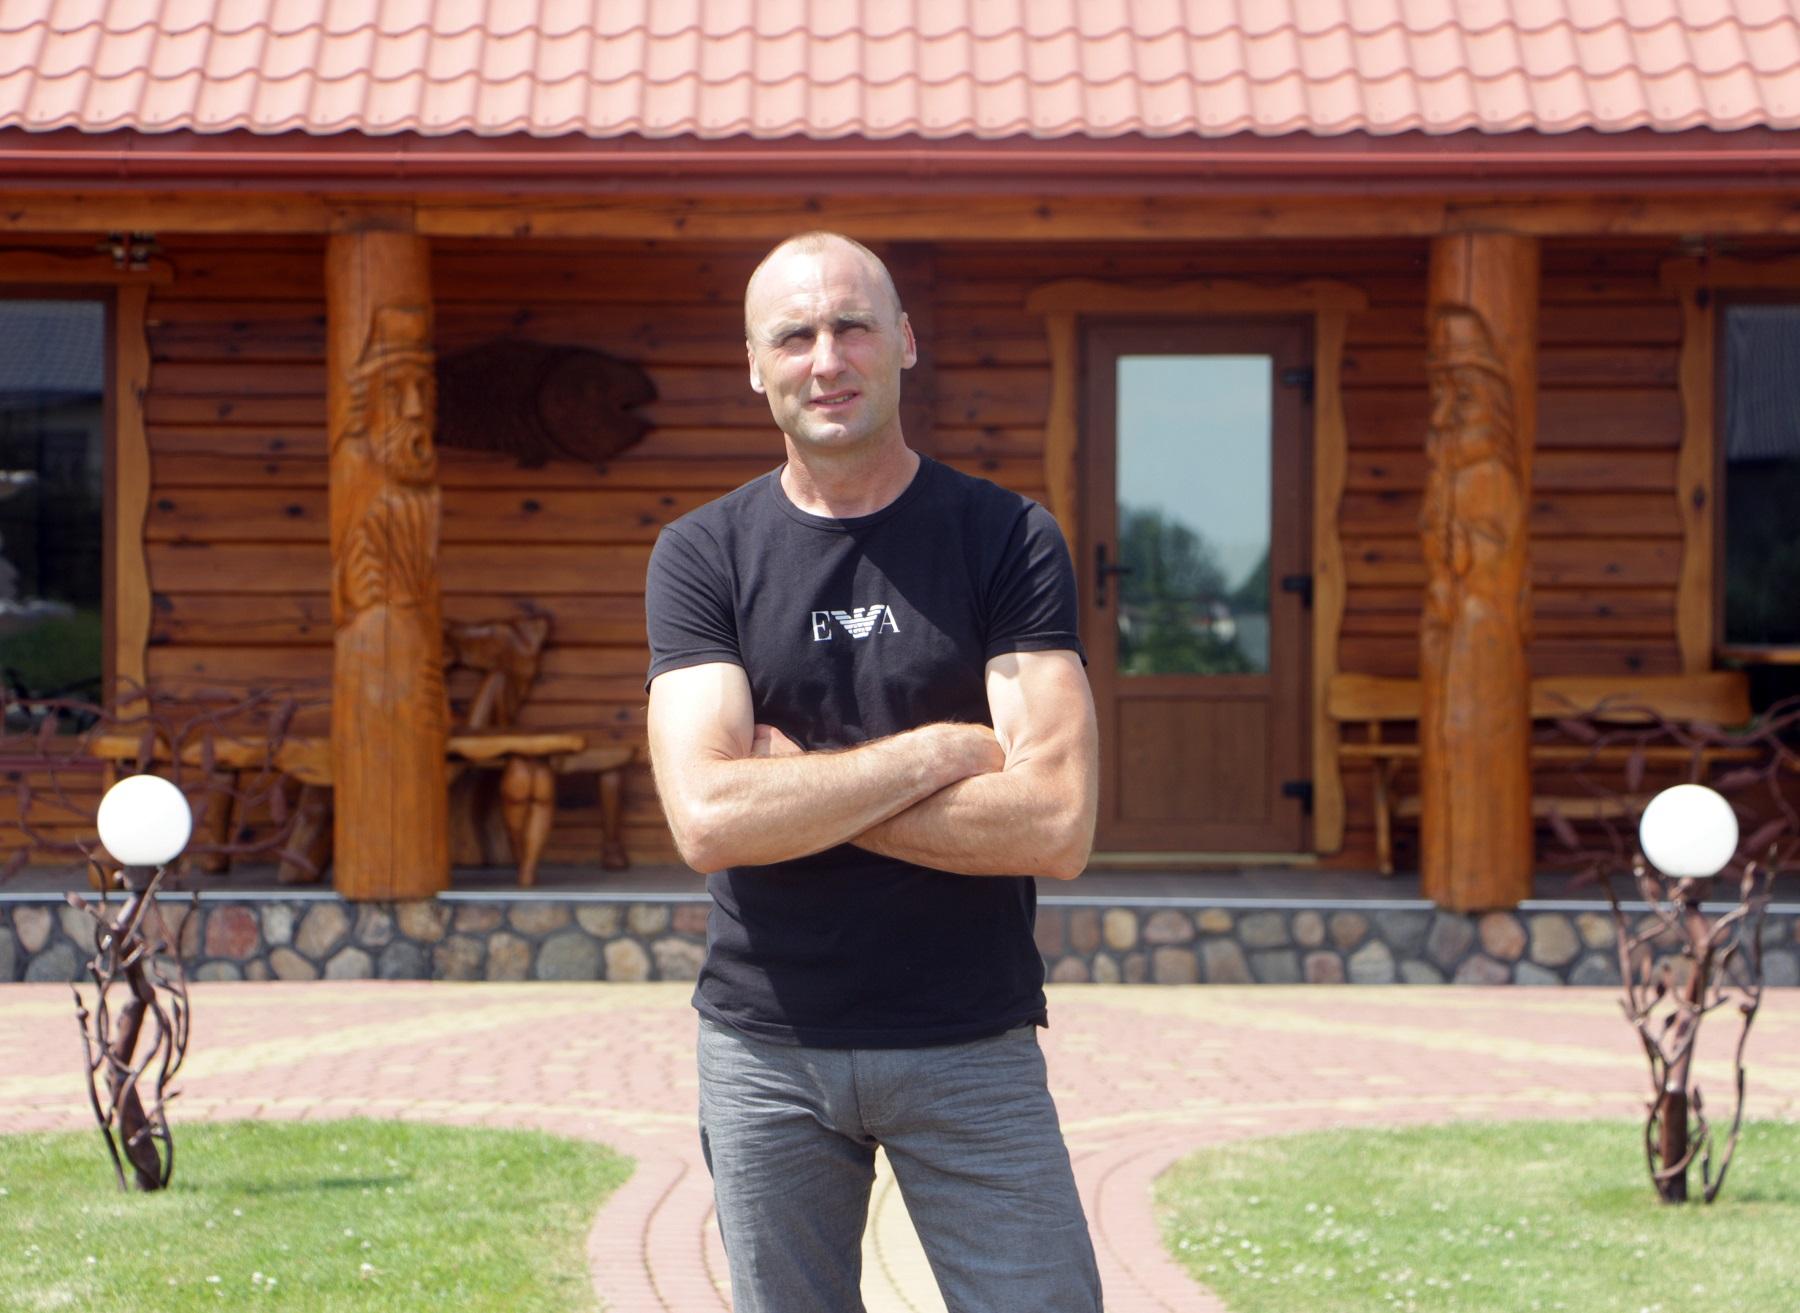 Sodybos šeimininkas Eligijus Selvestravičius kaimo turizmo verslą sėkmingai plėtoja jau devynerius metus.